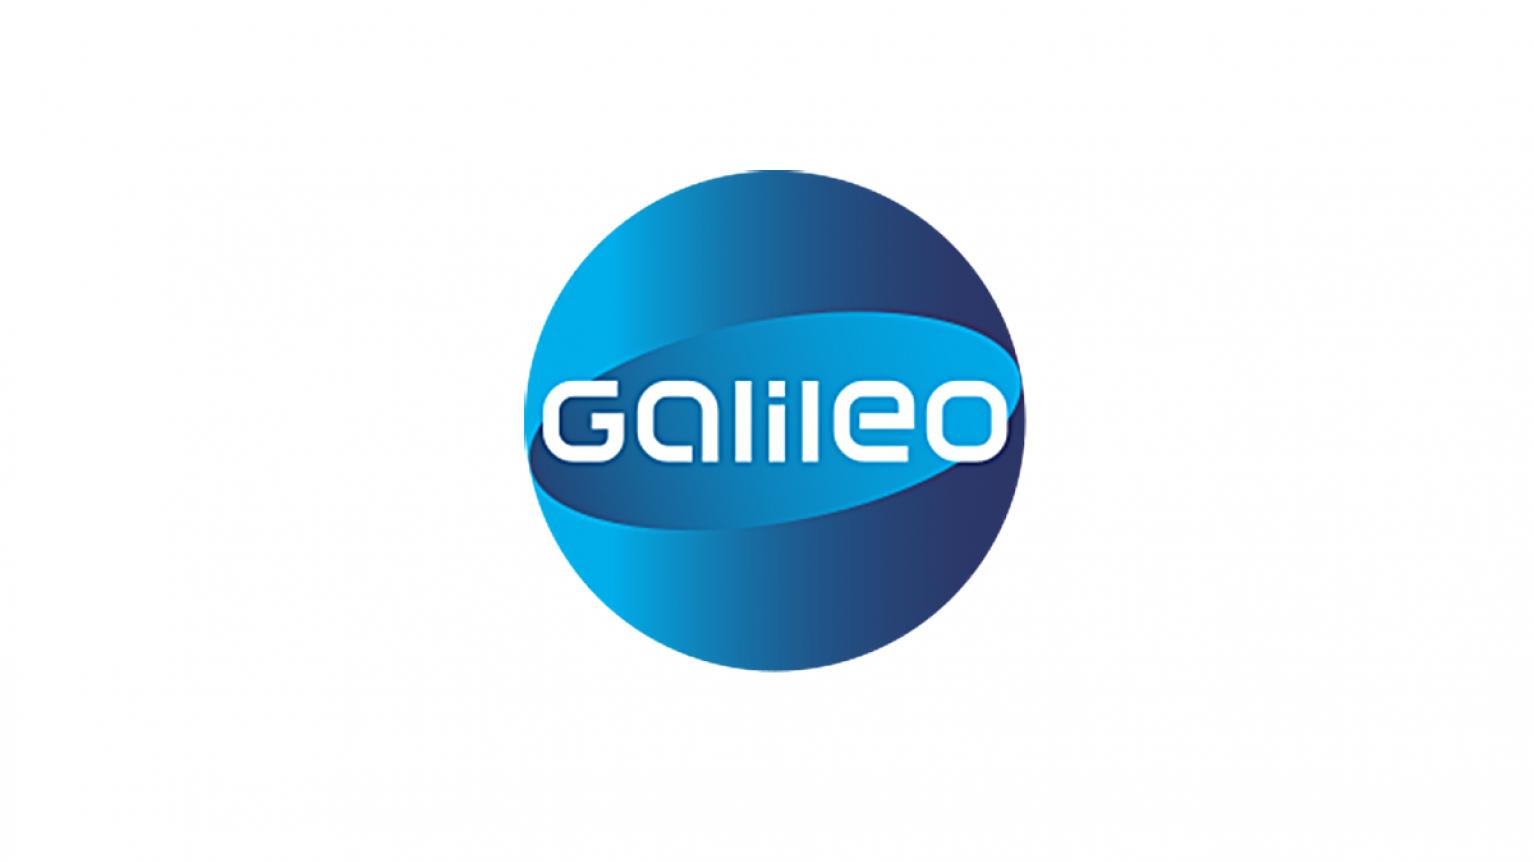 Galileo ProSieben - Press